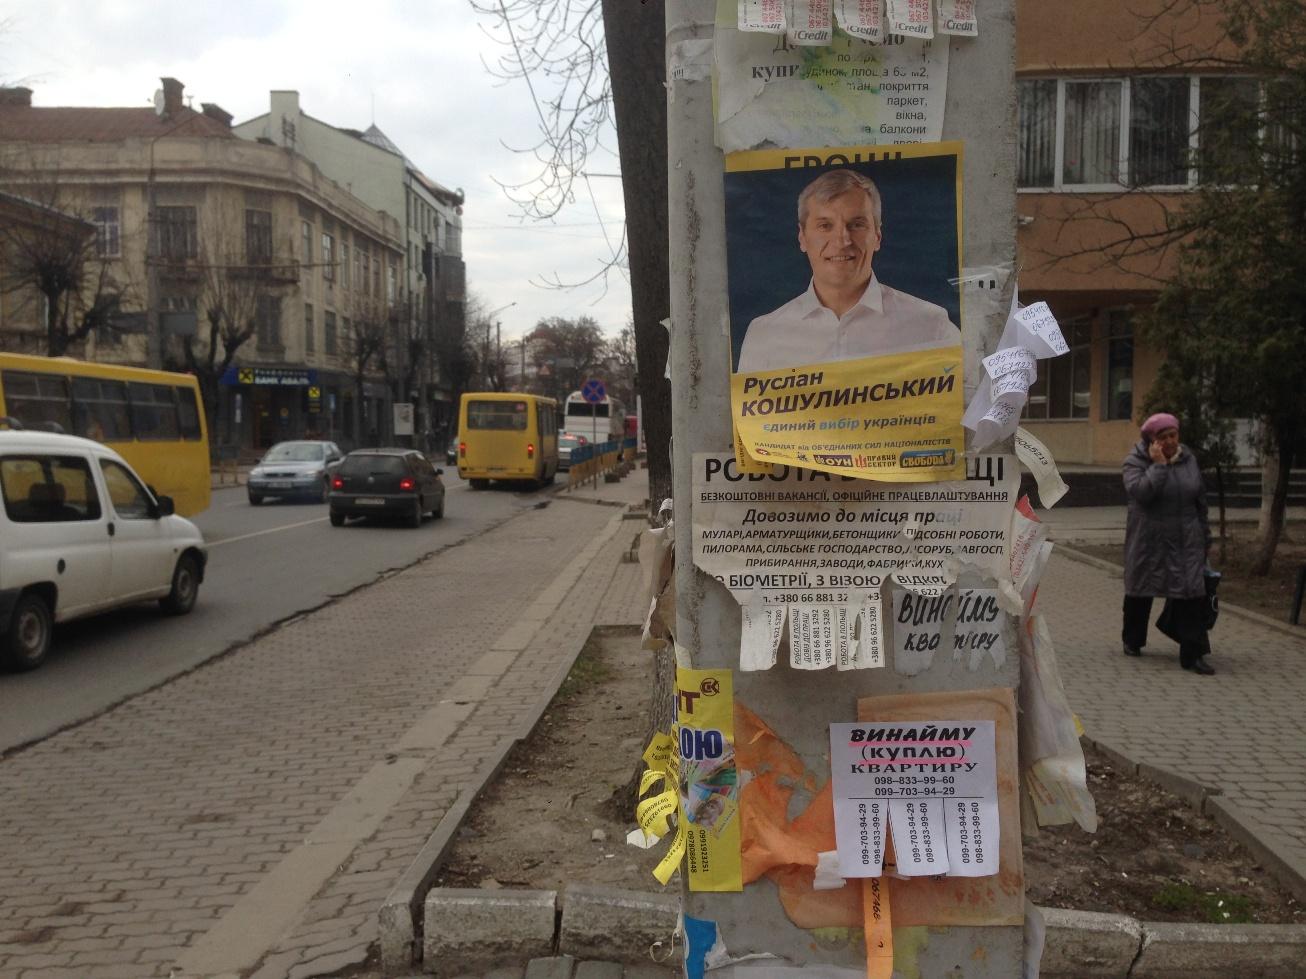 В обленерго скаржаться, що кандидати незаконно рекламуються на їхніх електроопорах